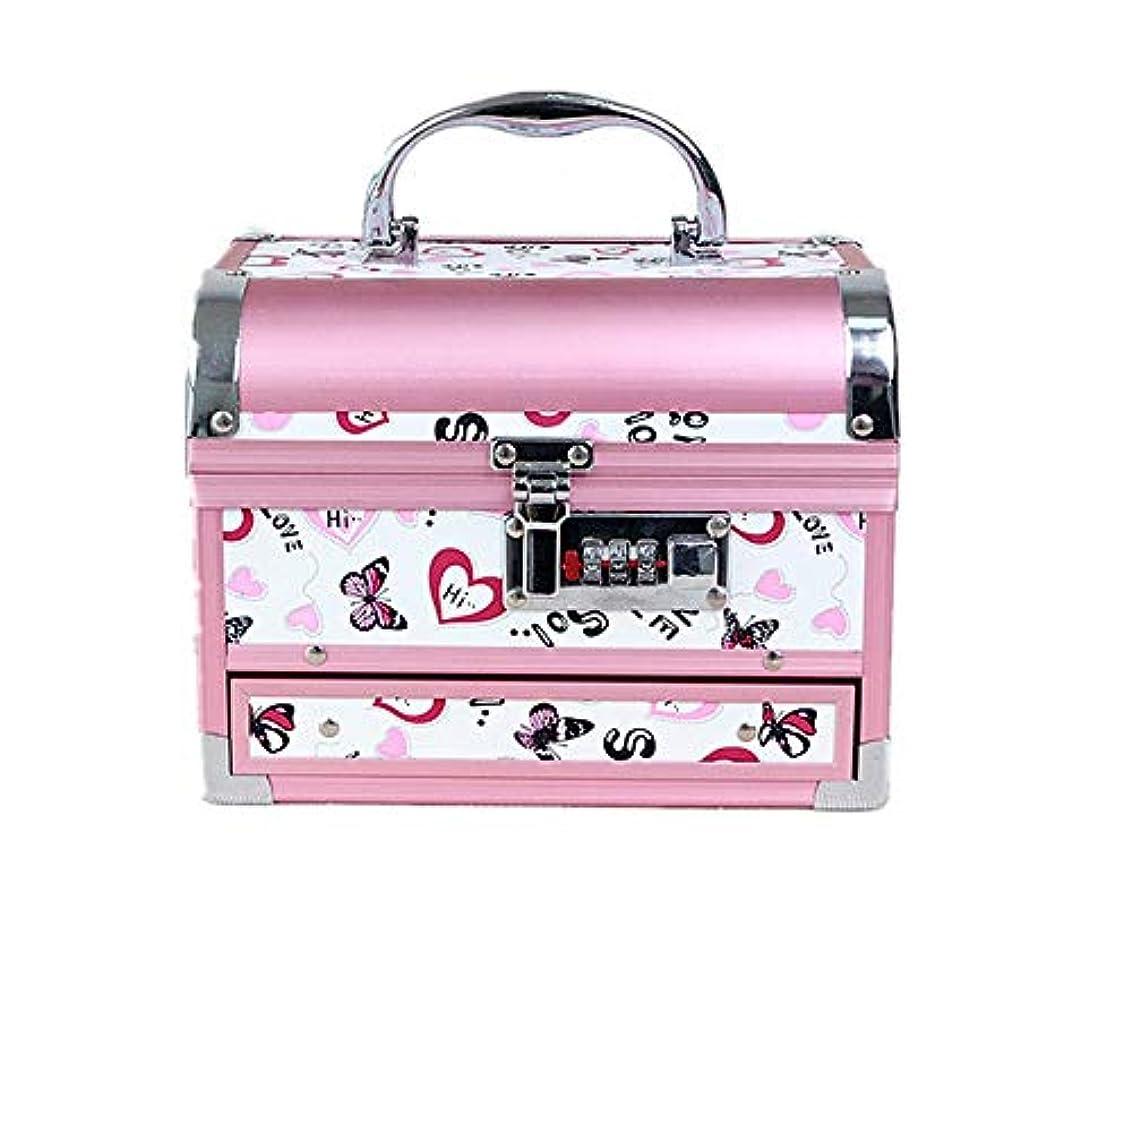 デザイナー老人ポール化粧オーガナイザーバッグ かわいいパターンポータブル化粧品ケーストラベルアクセサリーシャンプーボディウォッシュパーソナルアイテムストレージロックと拡張トレイ 化粧品ケース